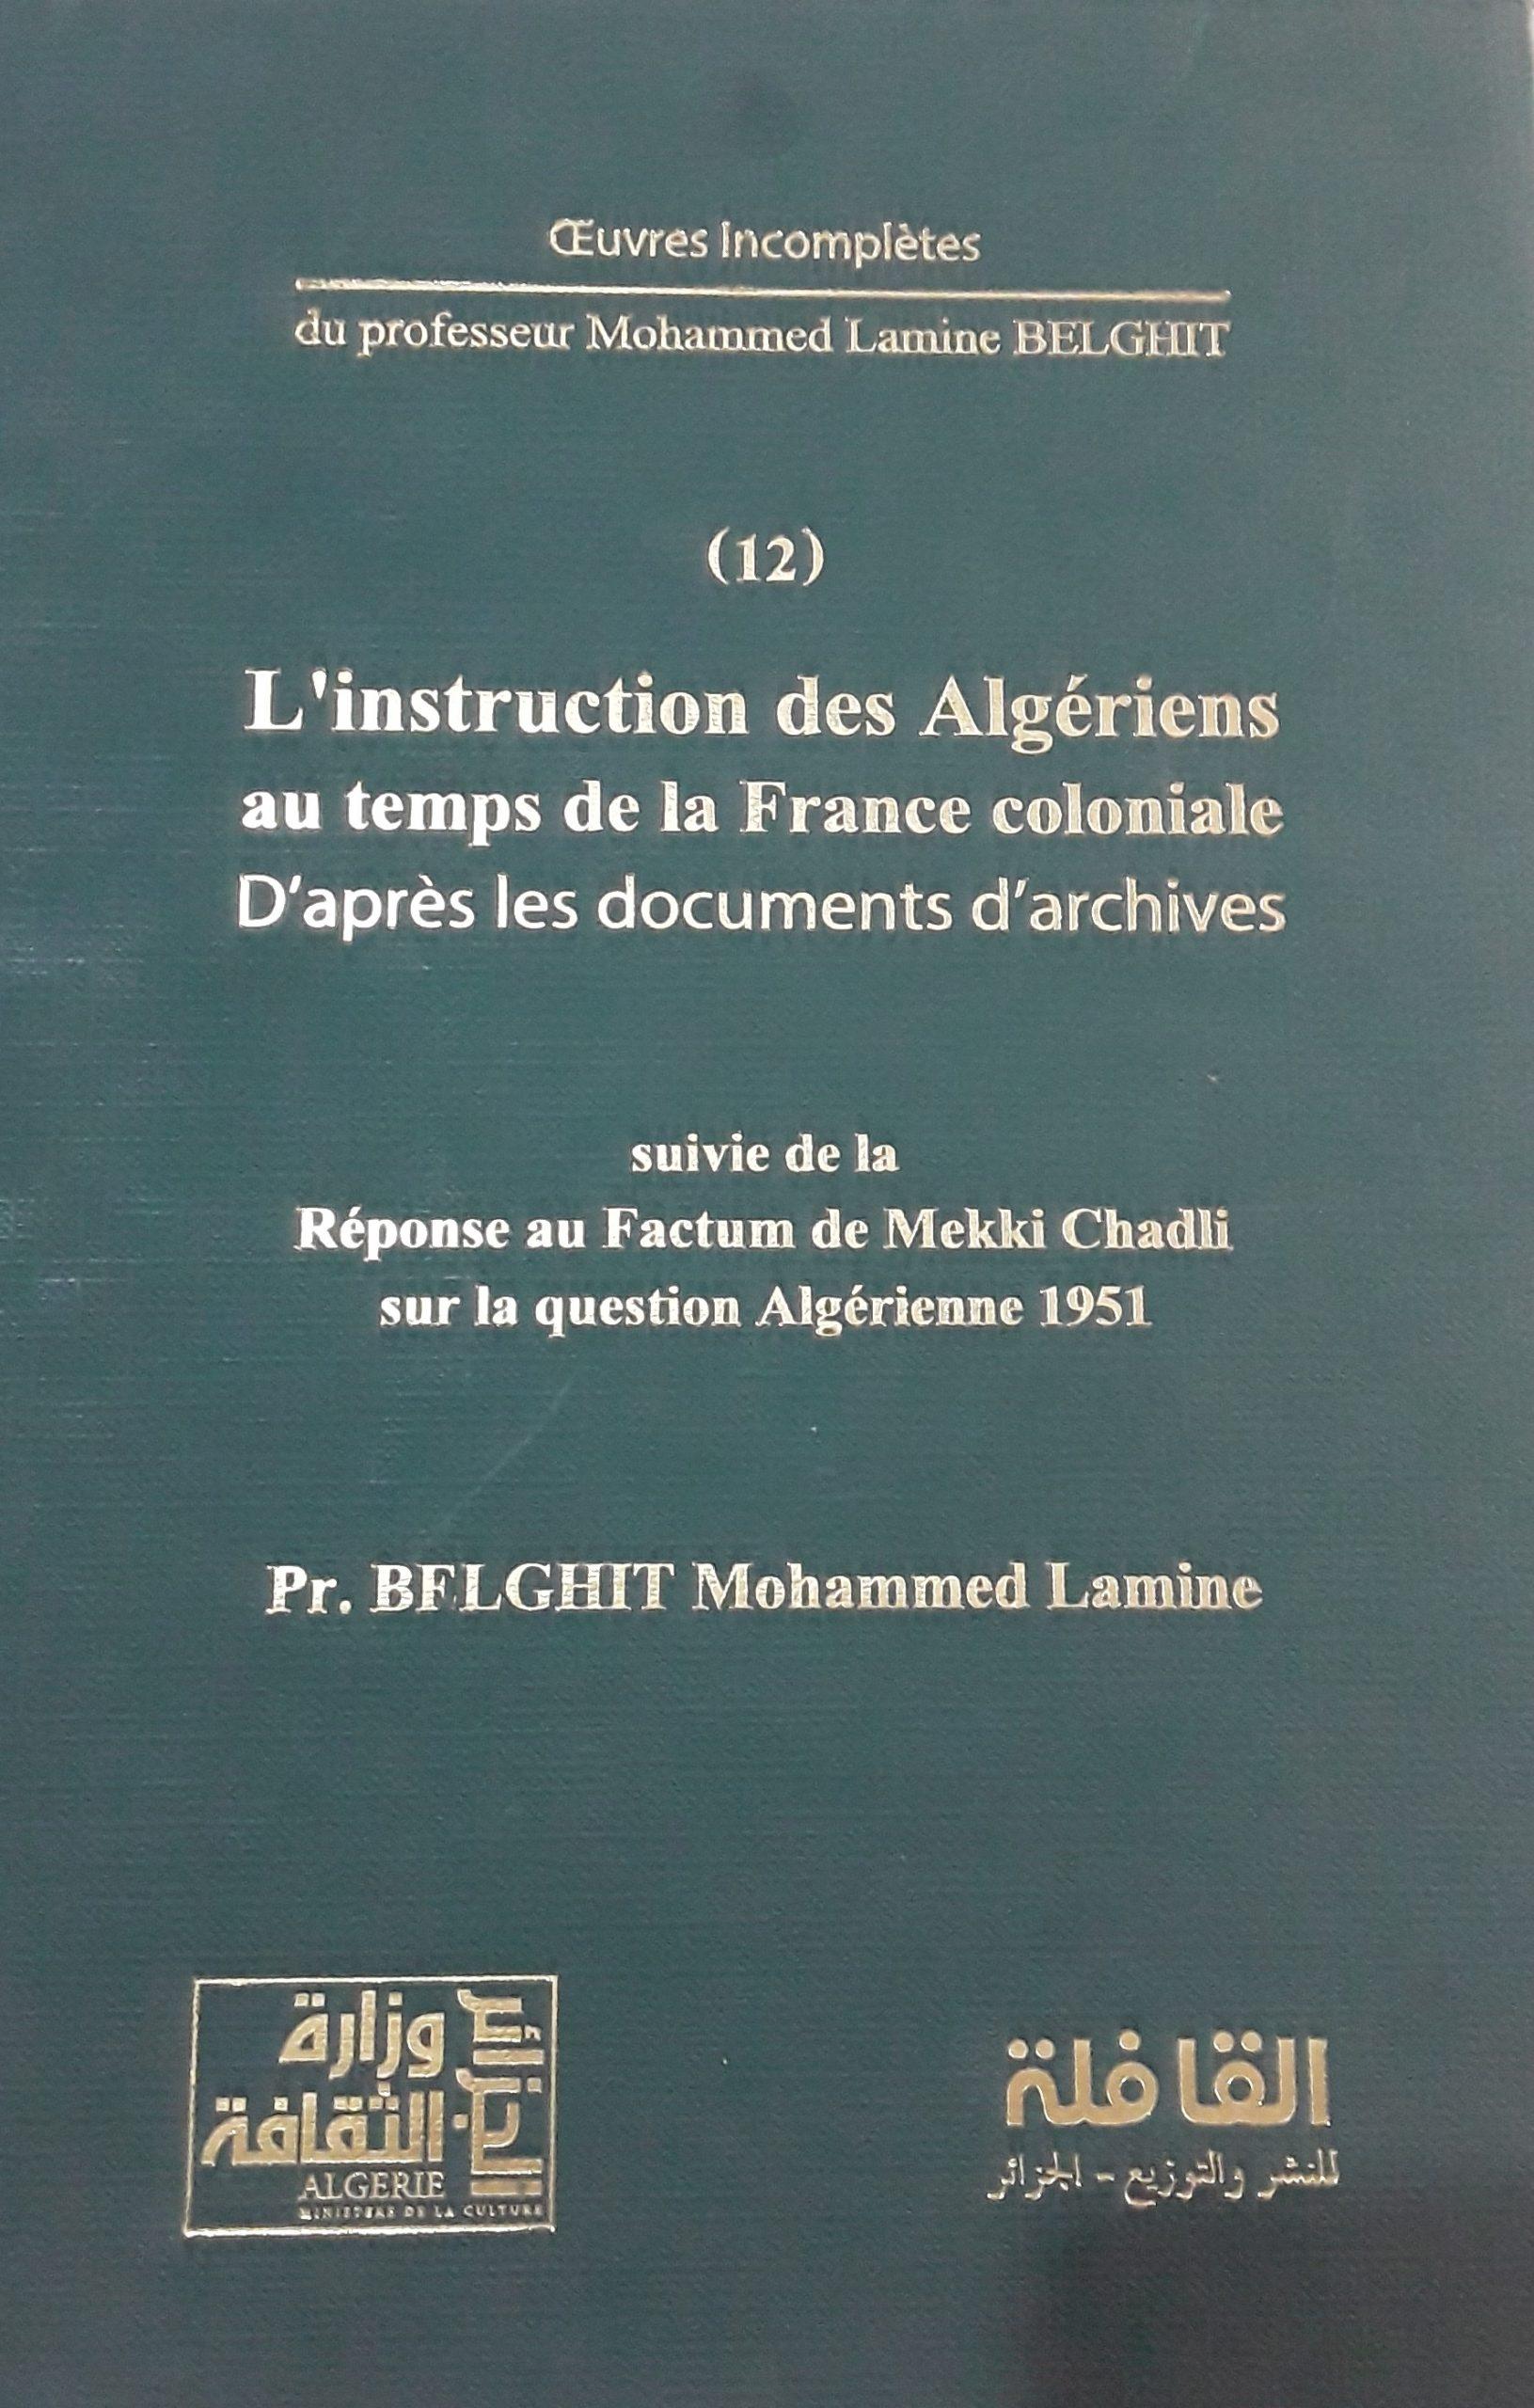 من هو المؤرخ الدكتور محمد الأمين بلغيث؟ 11